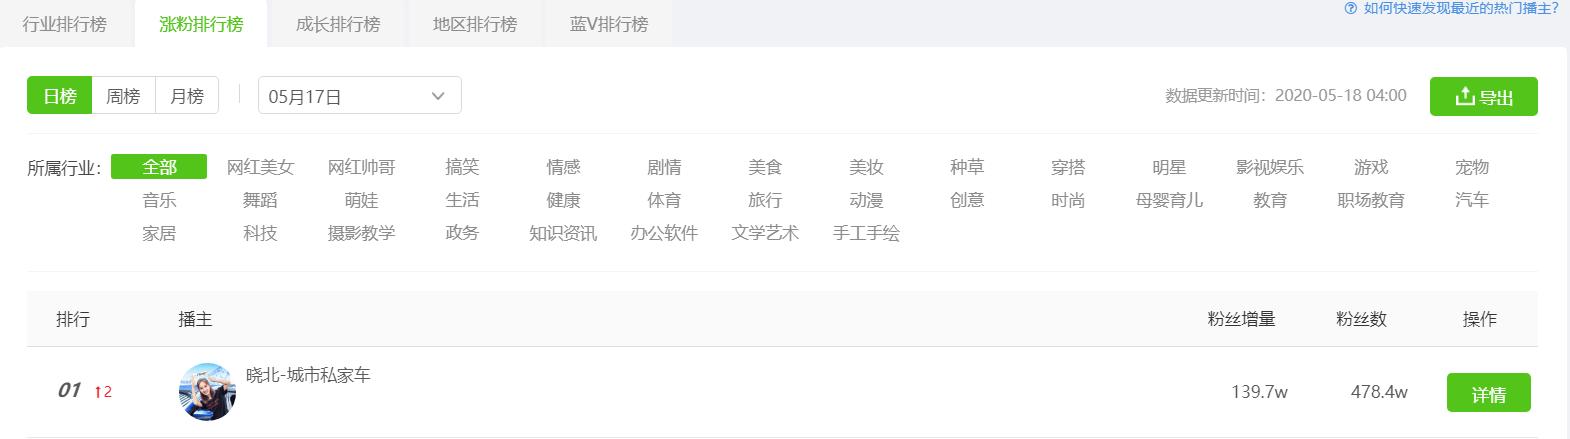 与现场京东的货物如何报名:如何注册京东商城